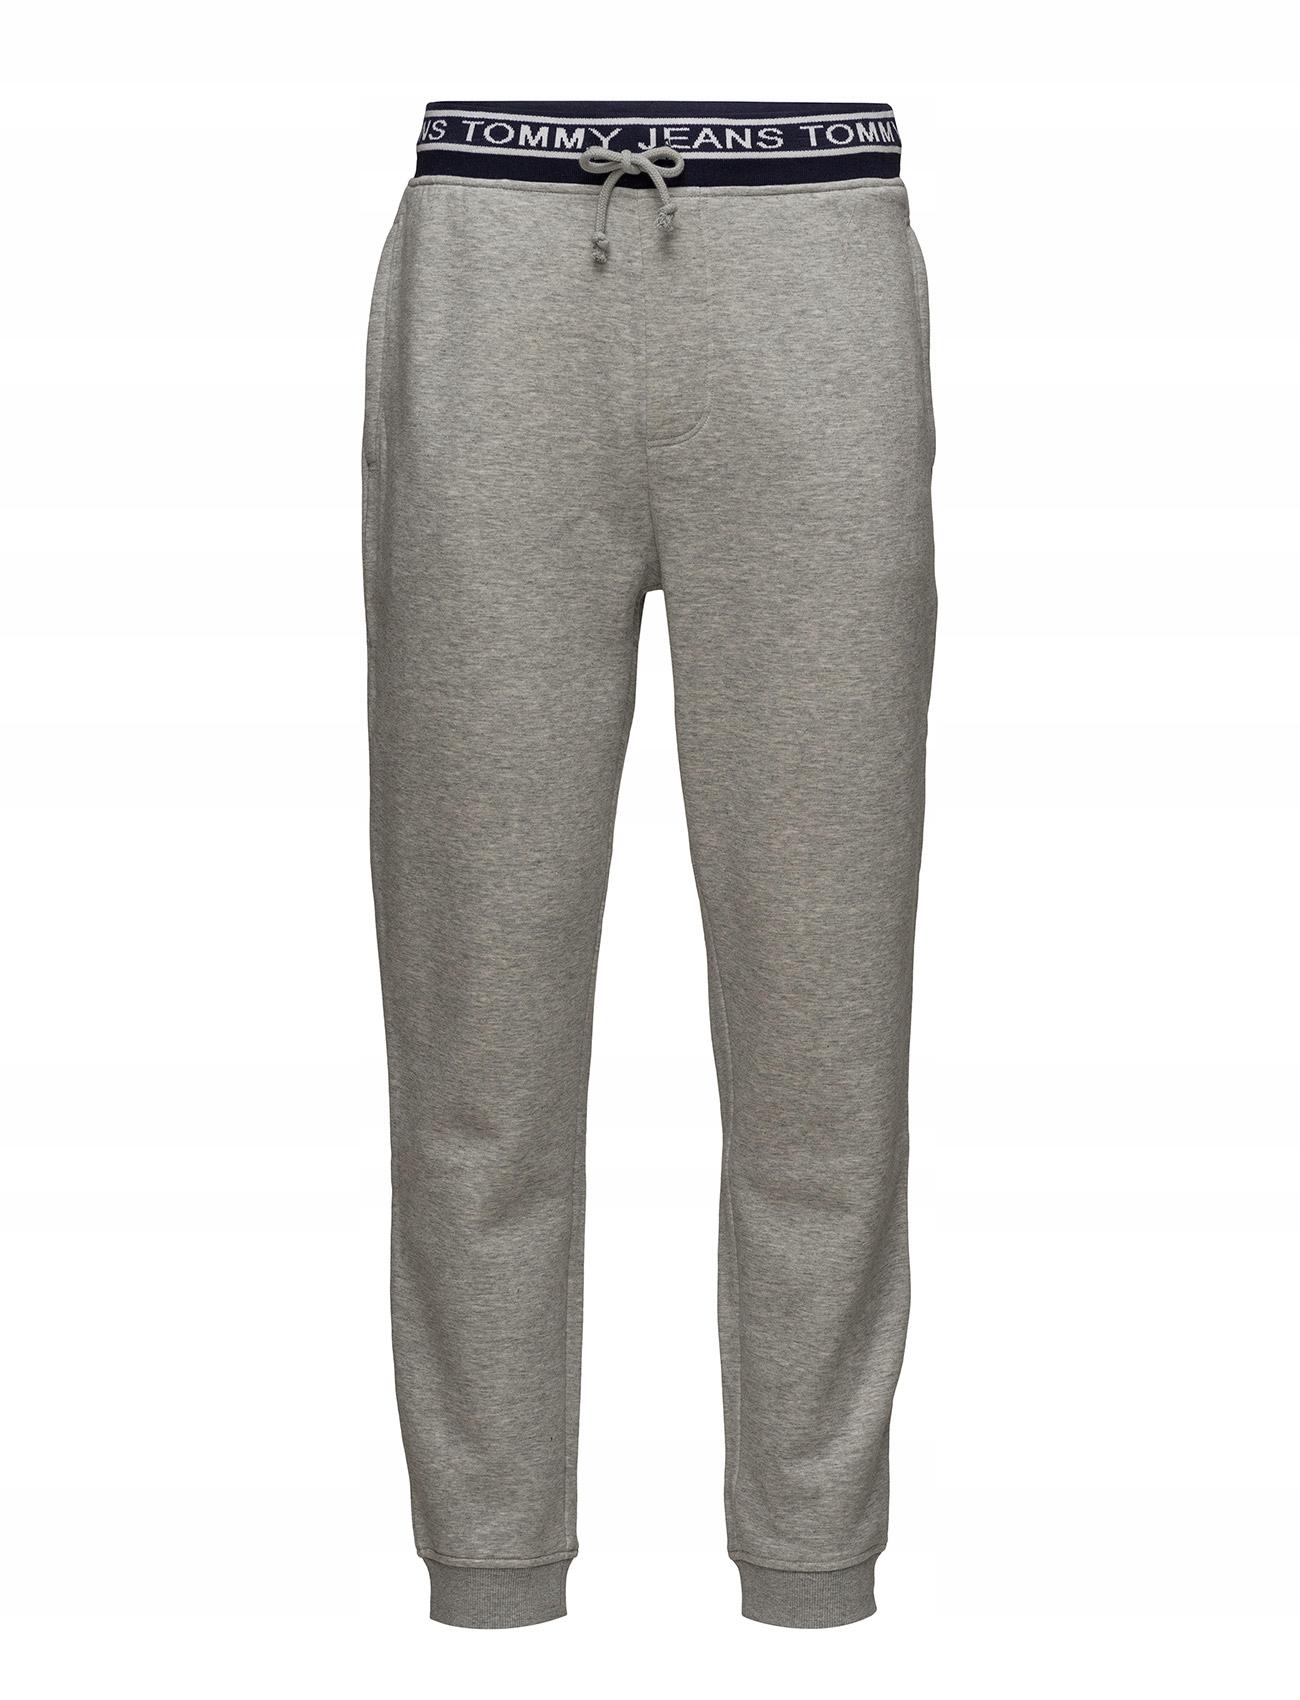 Tommy Jeans spodnie dresowe męskie r. S